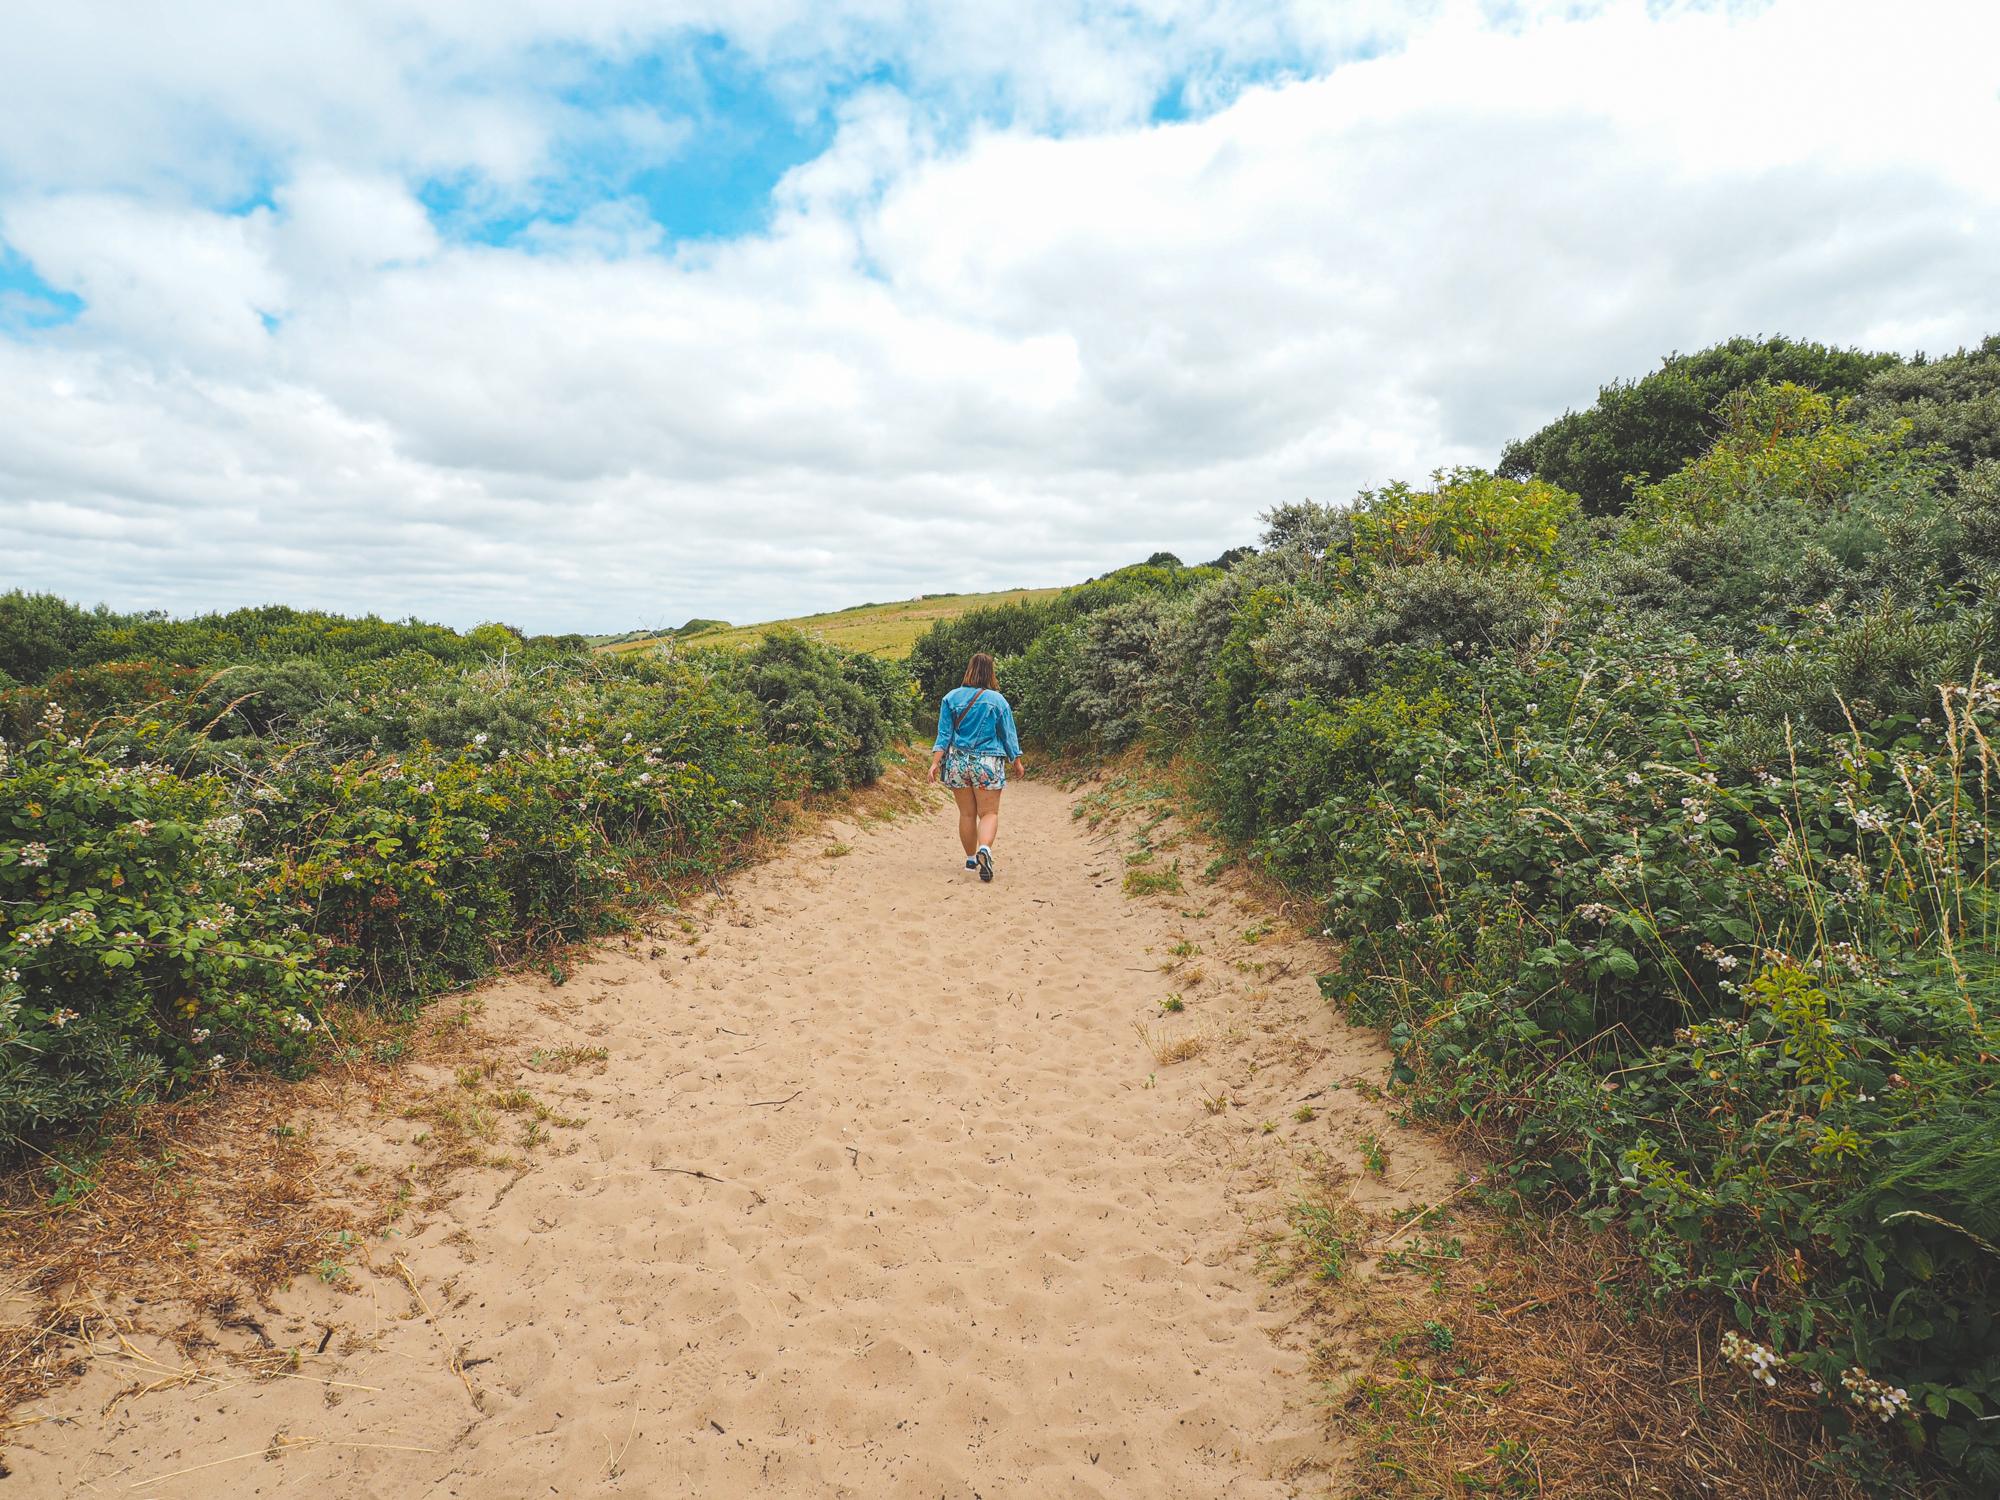 Visiter la côte d'opale et le cap gris nez en camping-car